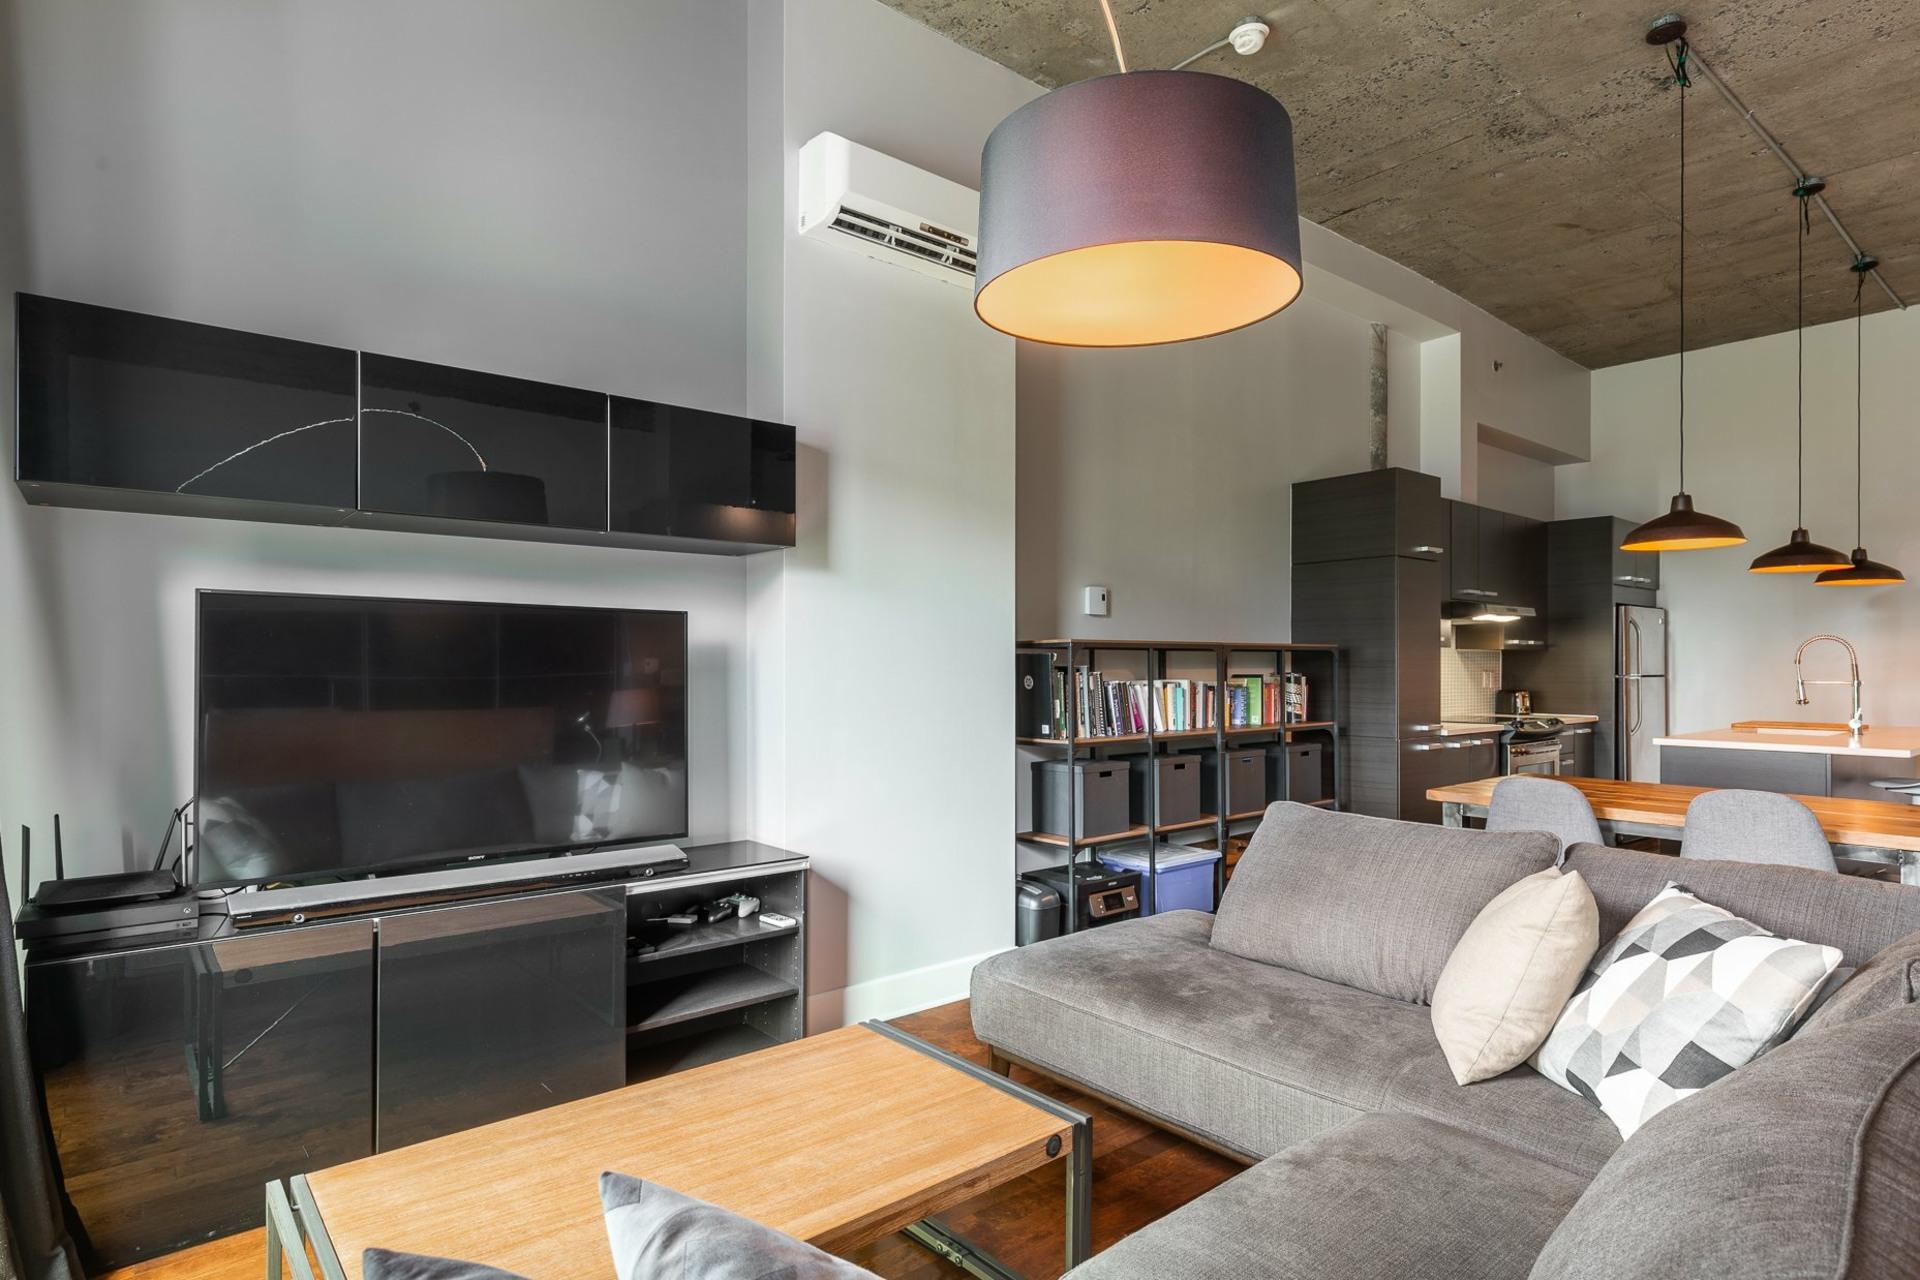 image 12 - Appartement À vendre Villeray/Saint-Michel/Parc-Extension Montréal  - 1 pièce